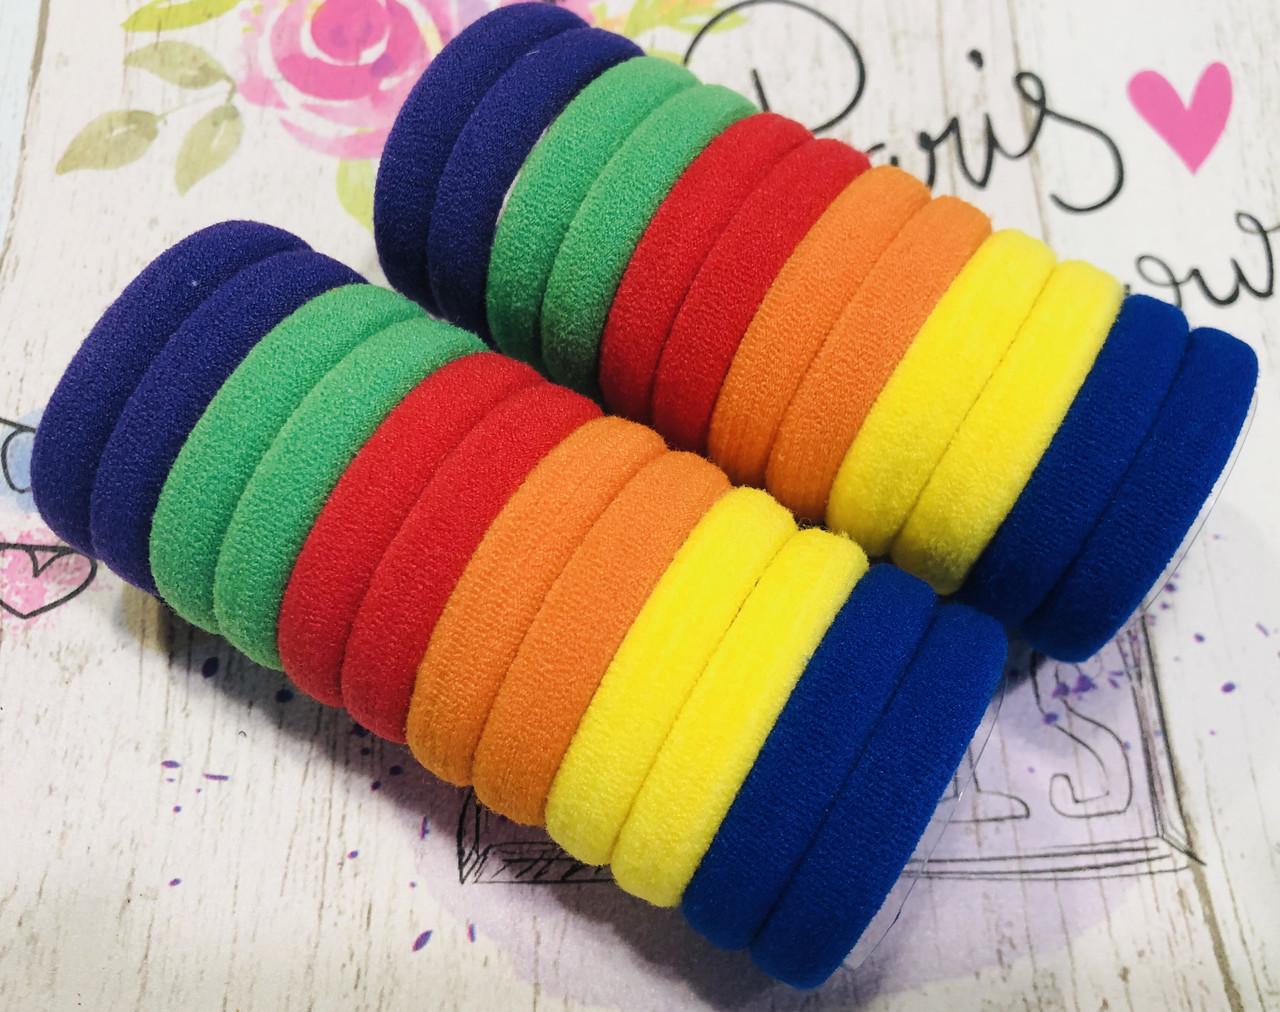 Резинка микрофибра Радужные цвета / 24 штуки